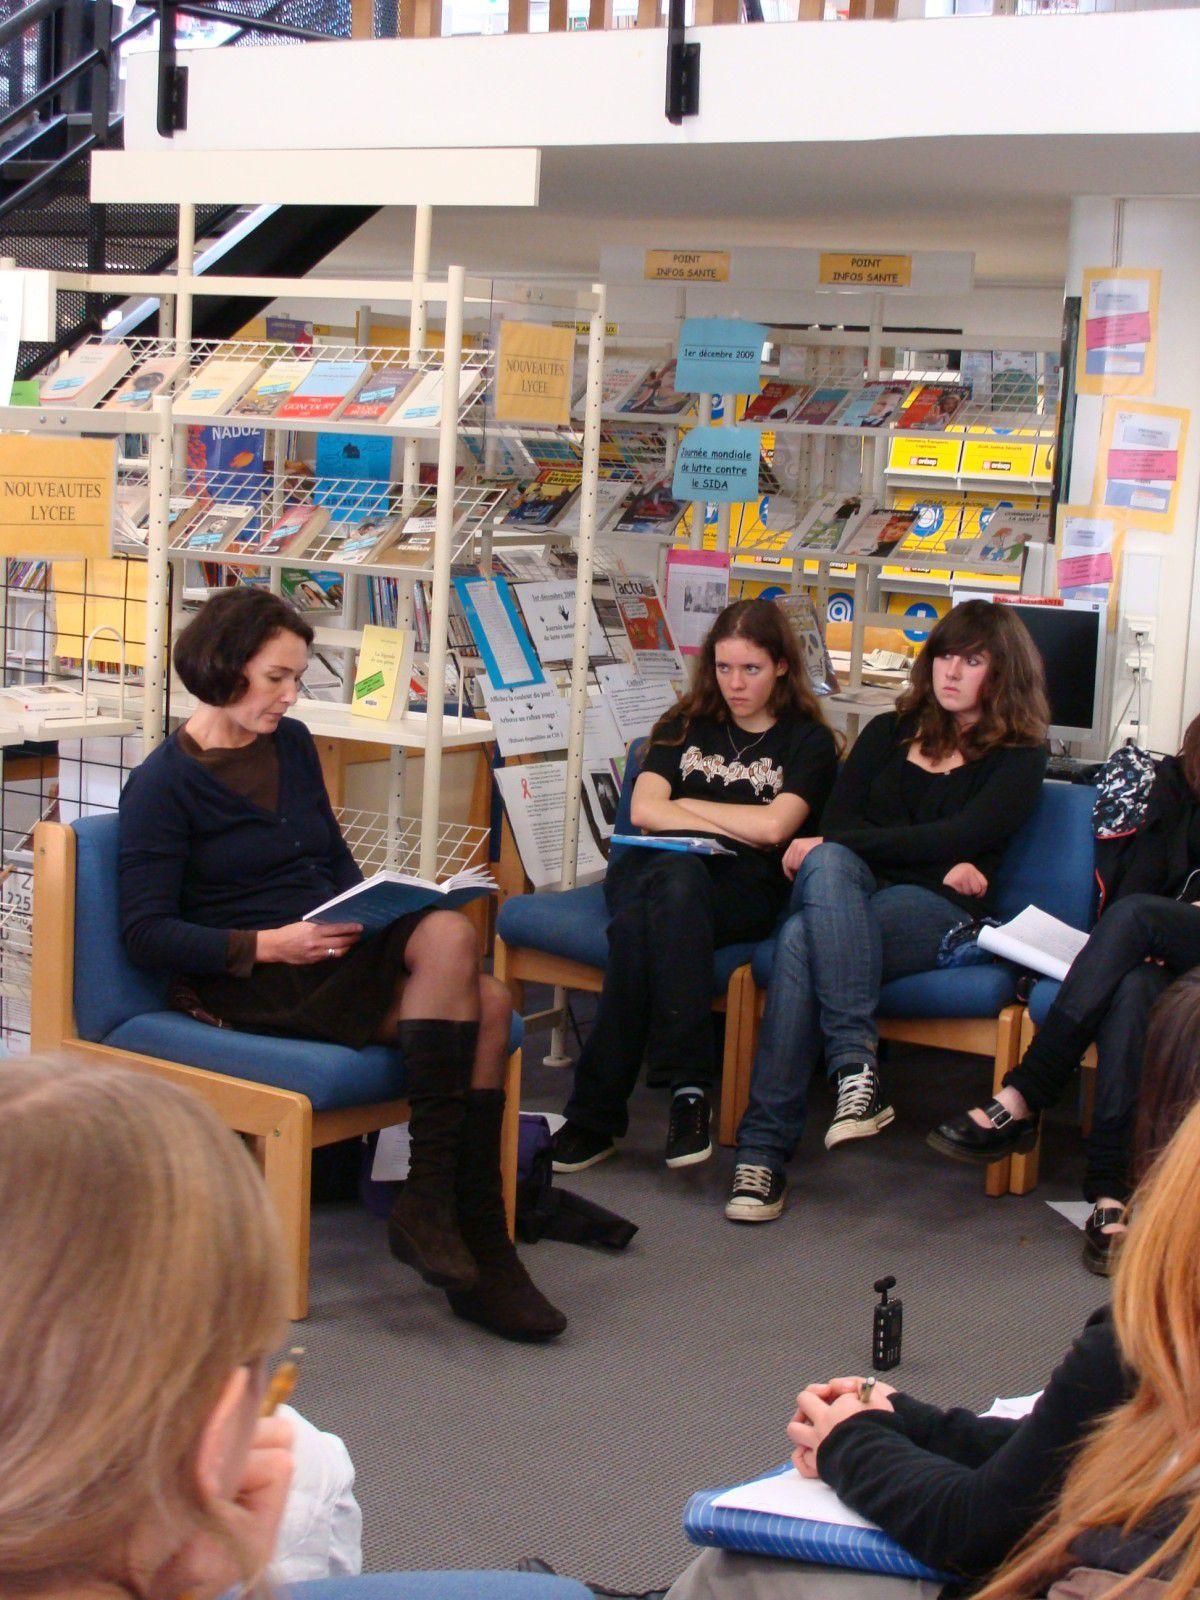 """Le 10 décembre 2009, au CDI du lycée de l'Iroise, les lycéens d'i-voix ont rencontré Oscarine Bosquet, auteur du recueil """"Participe présent""""."""